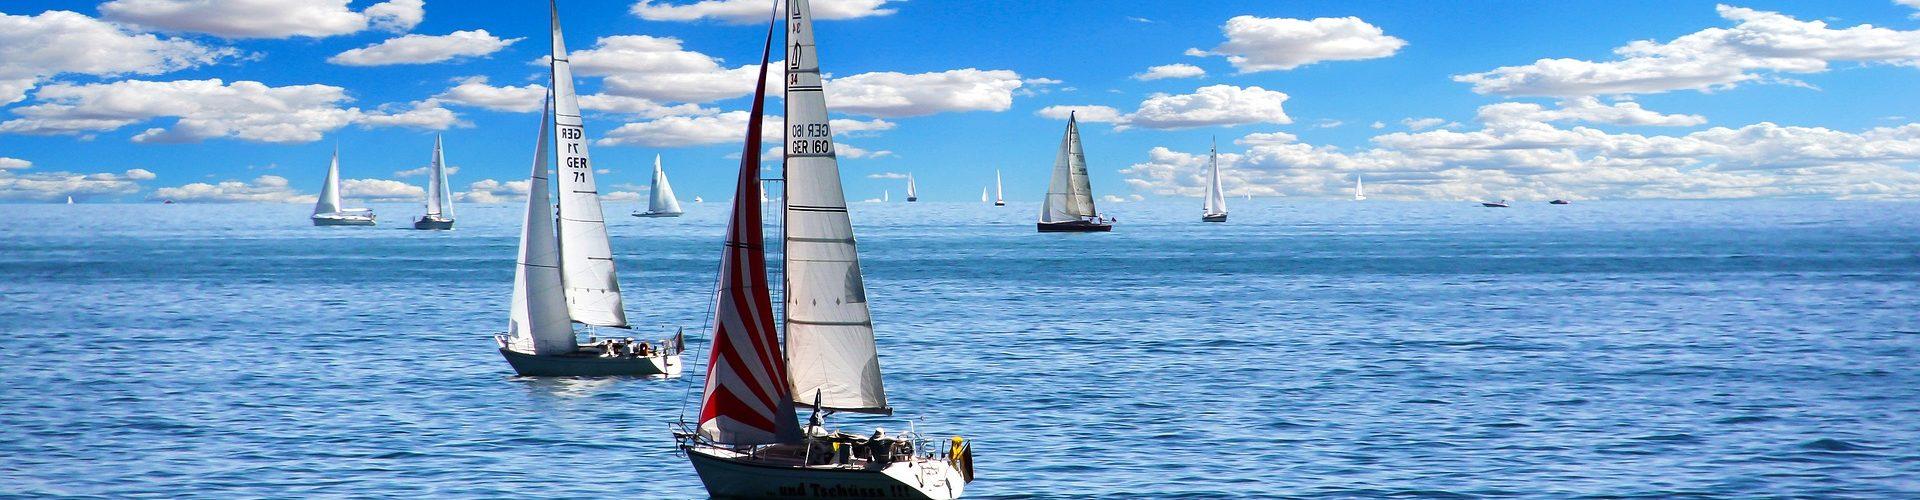 segeln lernen in Gedern segelschein machen in Gedern 1920x500 - Segeln lernen in Gedern